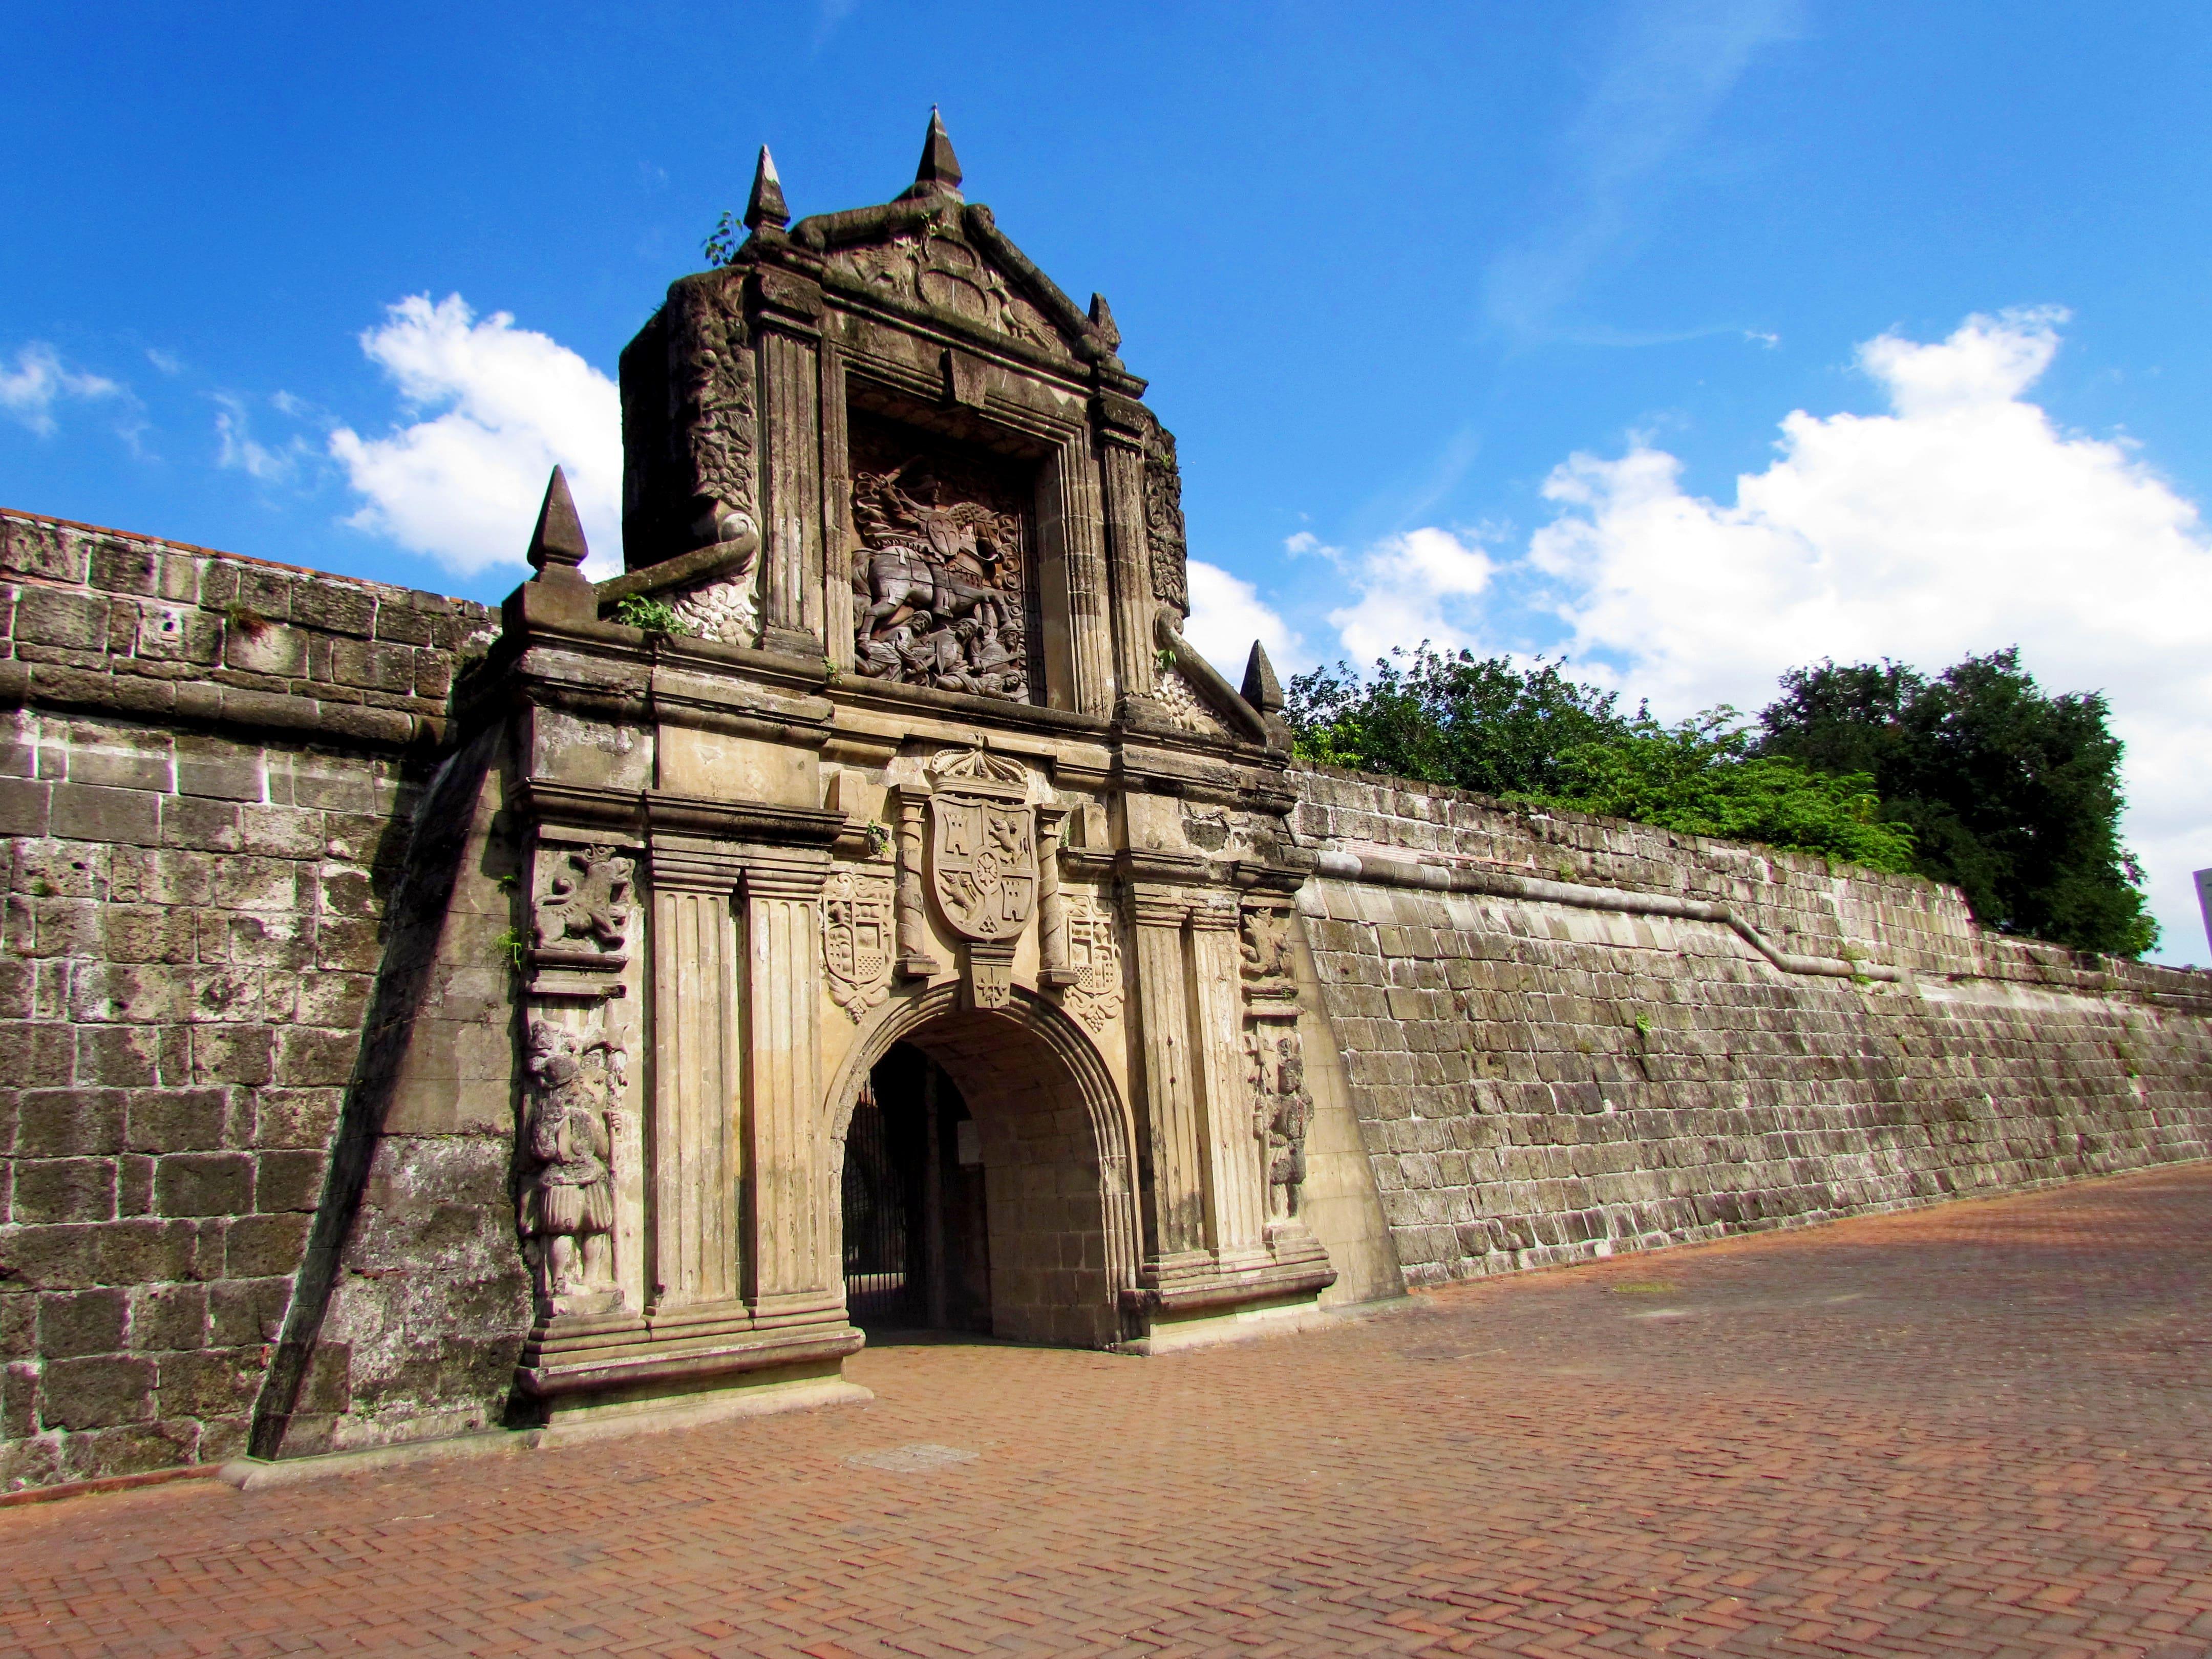 Entrance to Fort Santiago in Intramuros, Manila